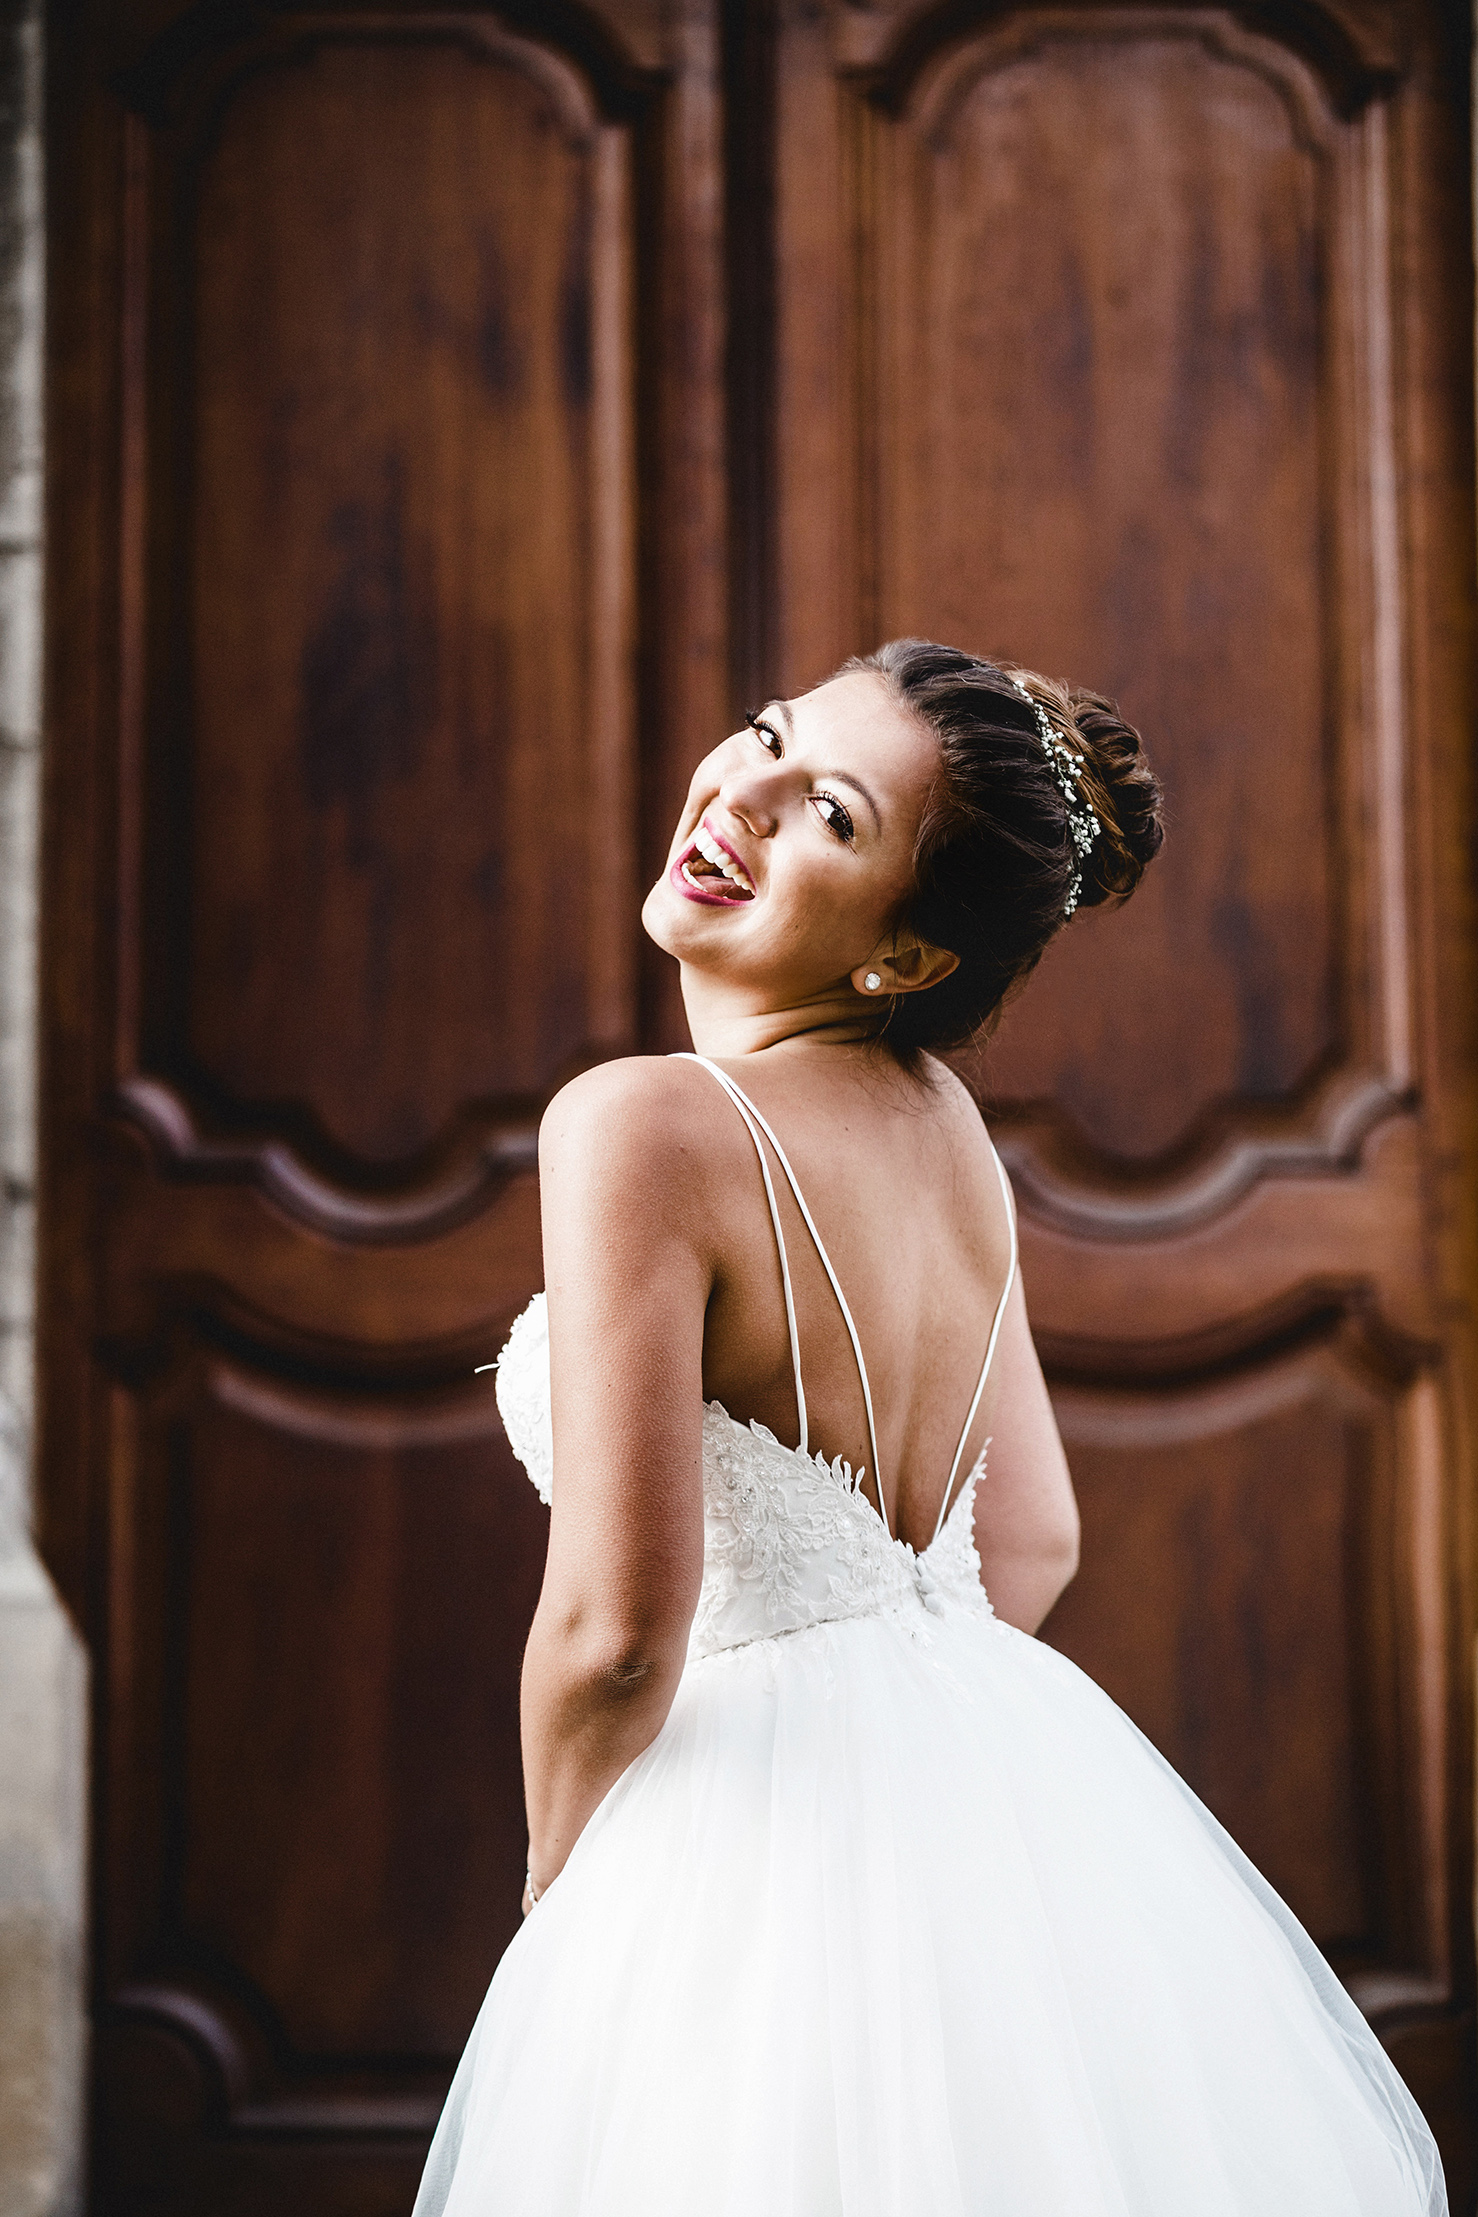 Christine_Bay_Fotograf_Andernach_Hochzeit__0022